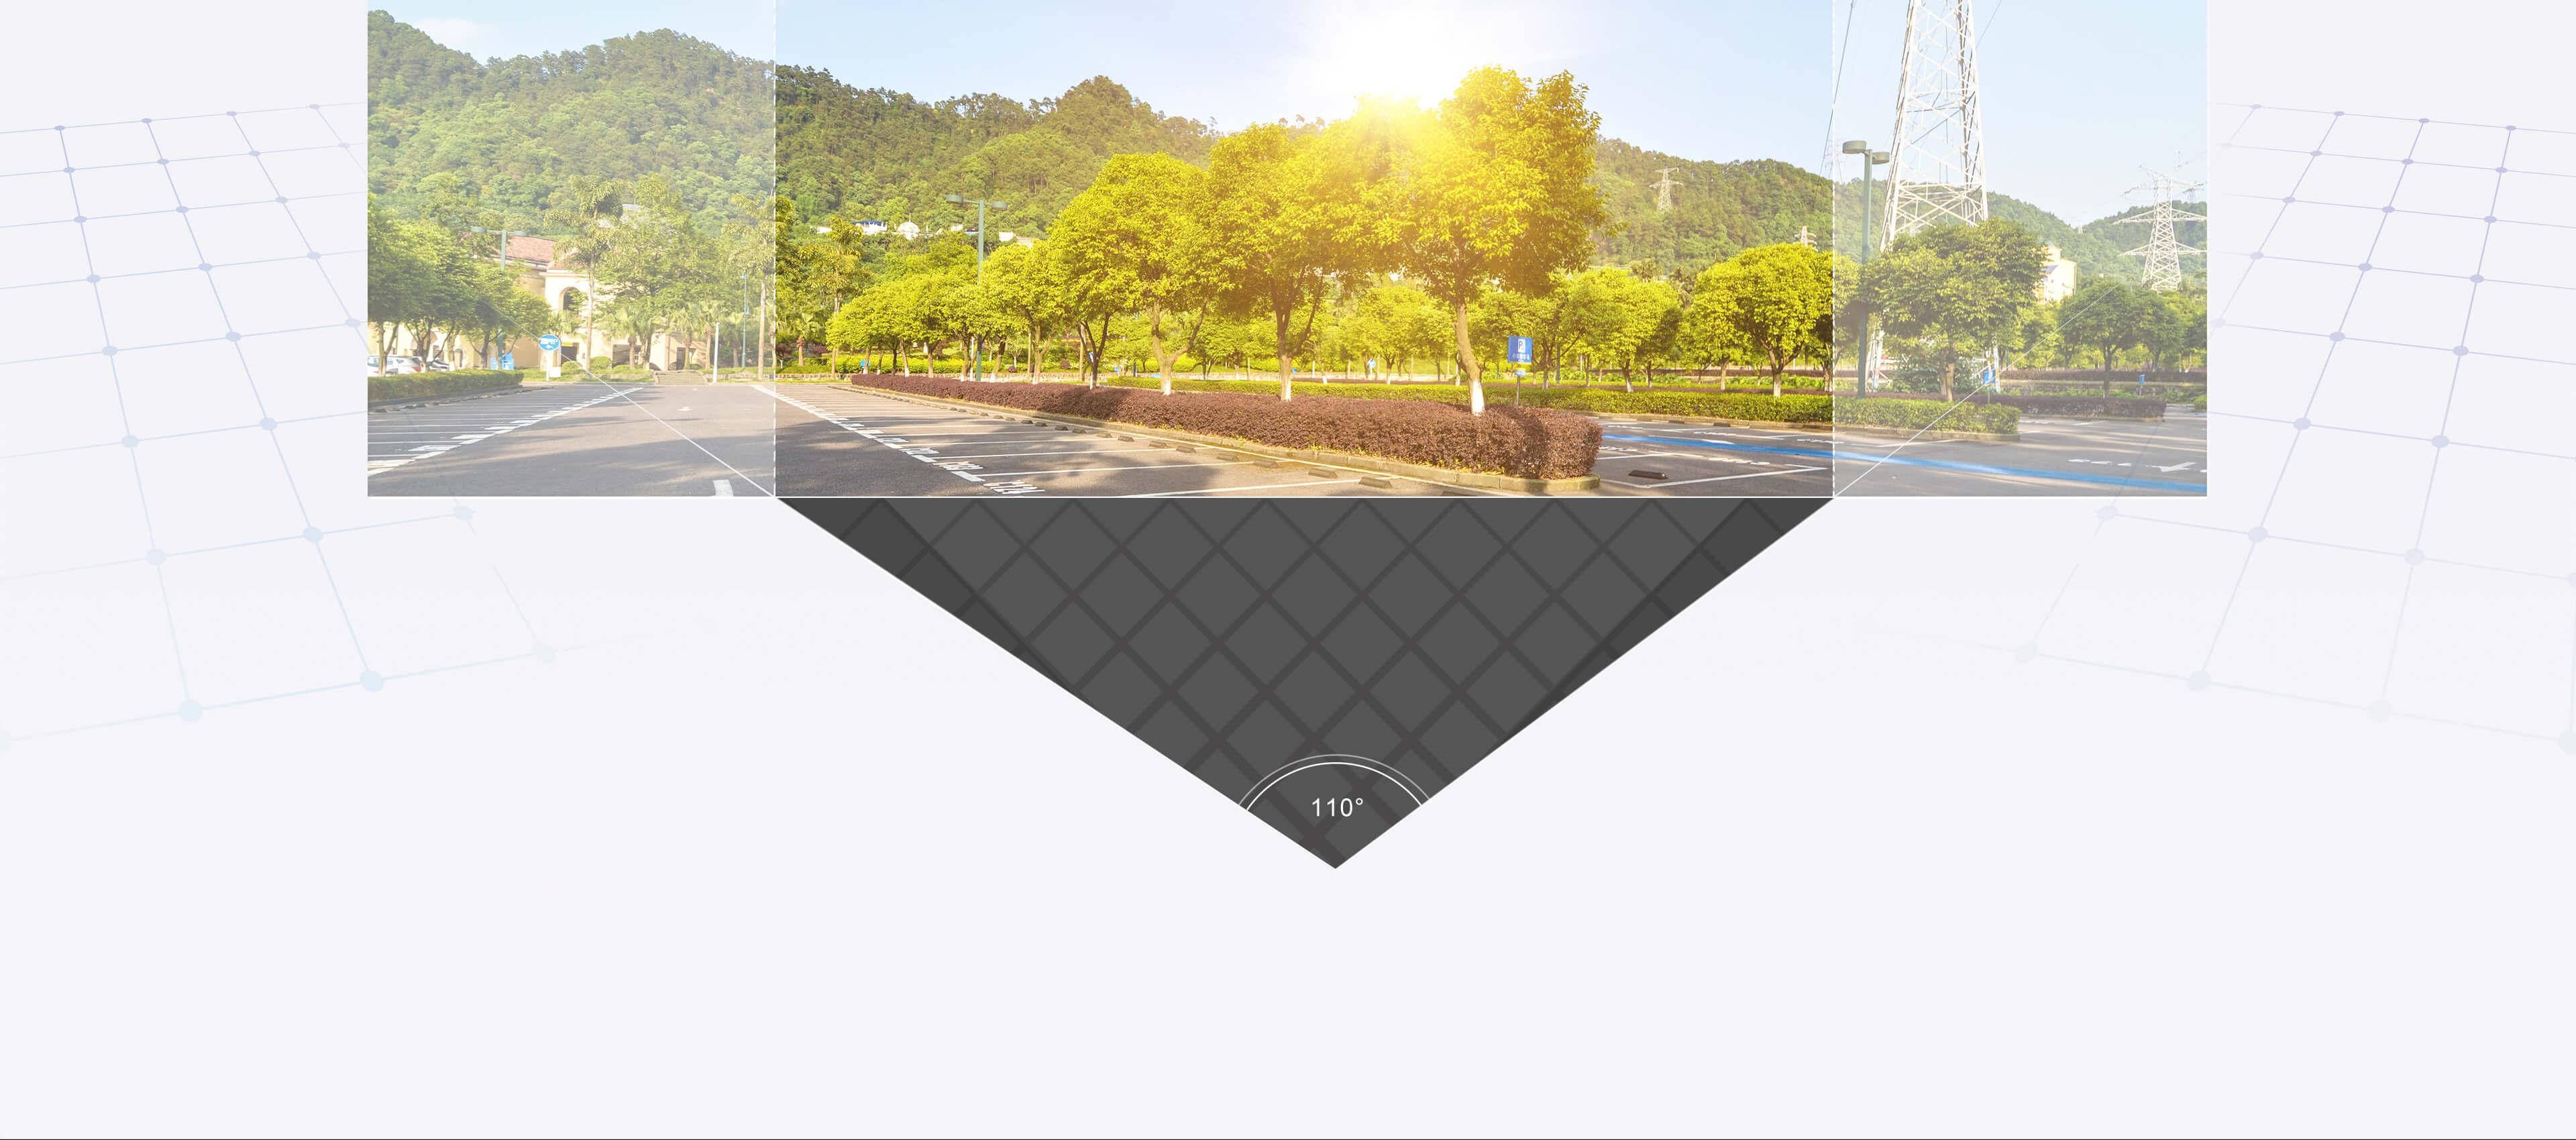 YI Outdoor Camera | YI Technology